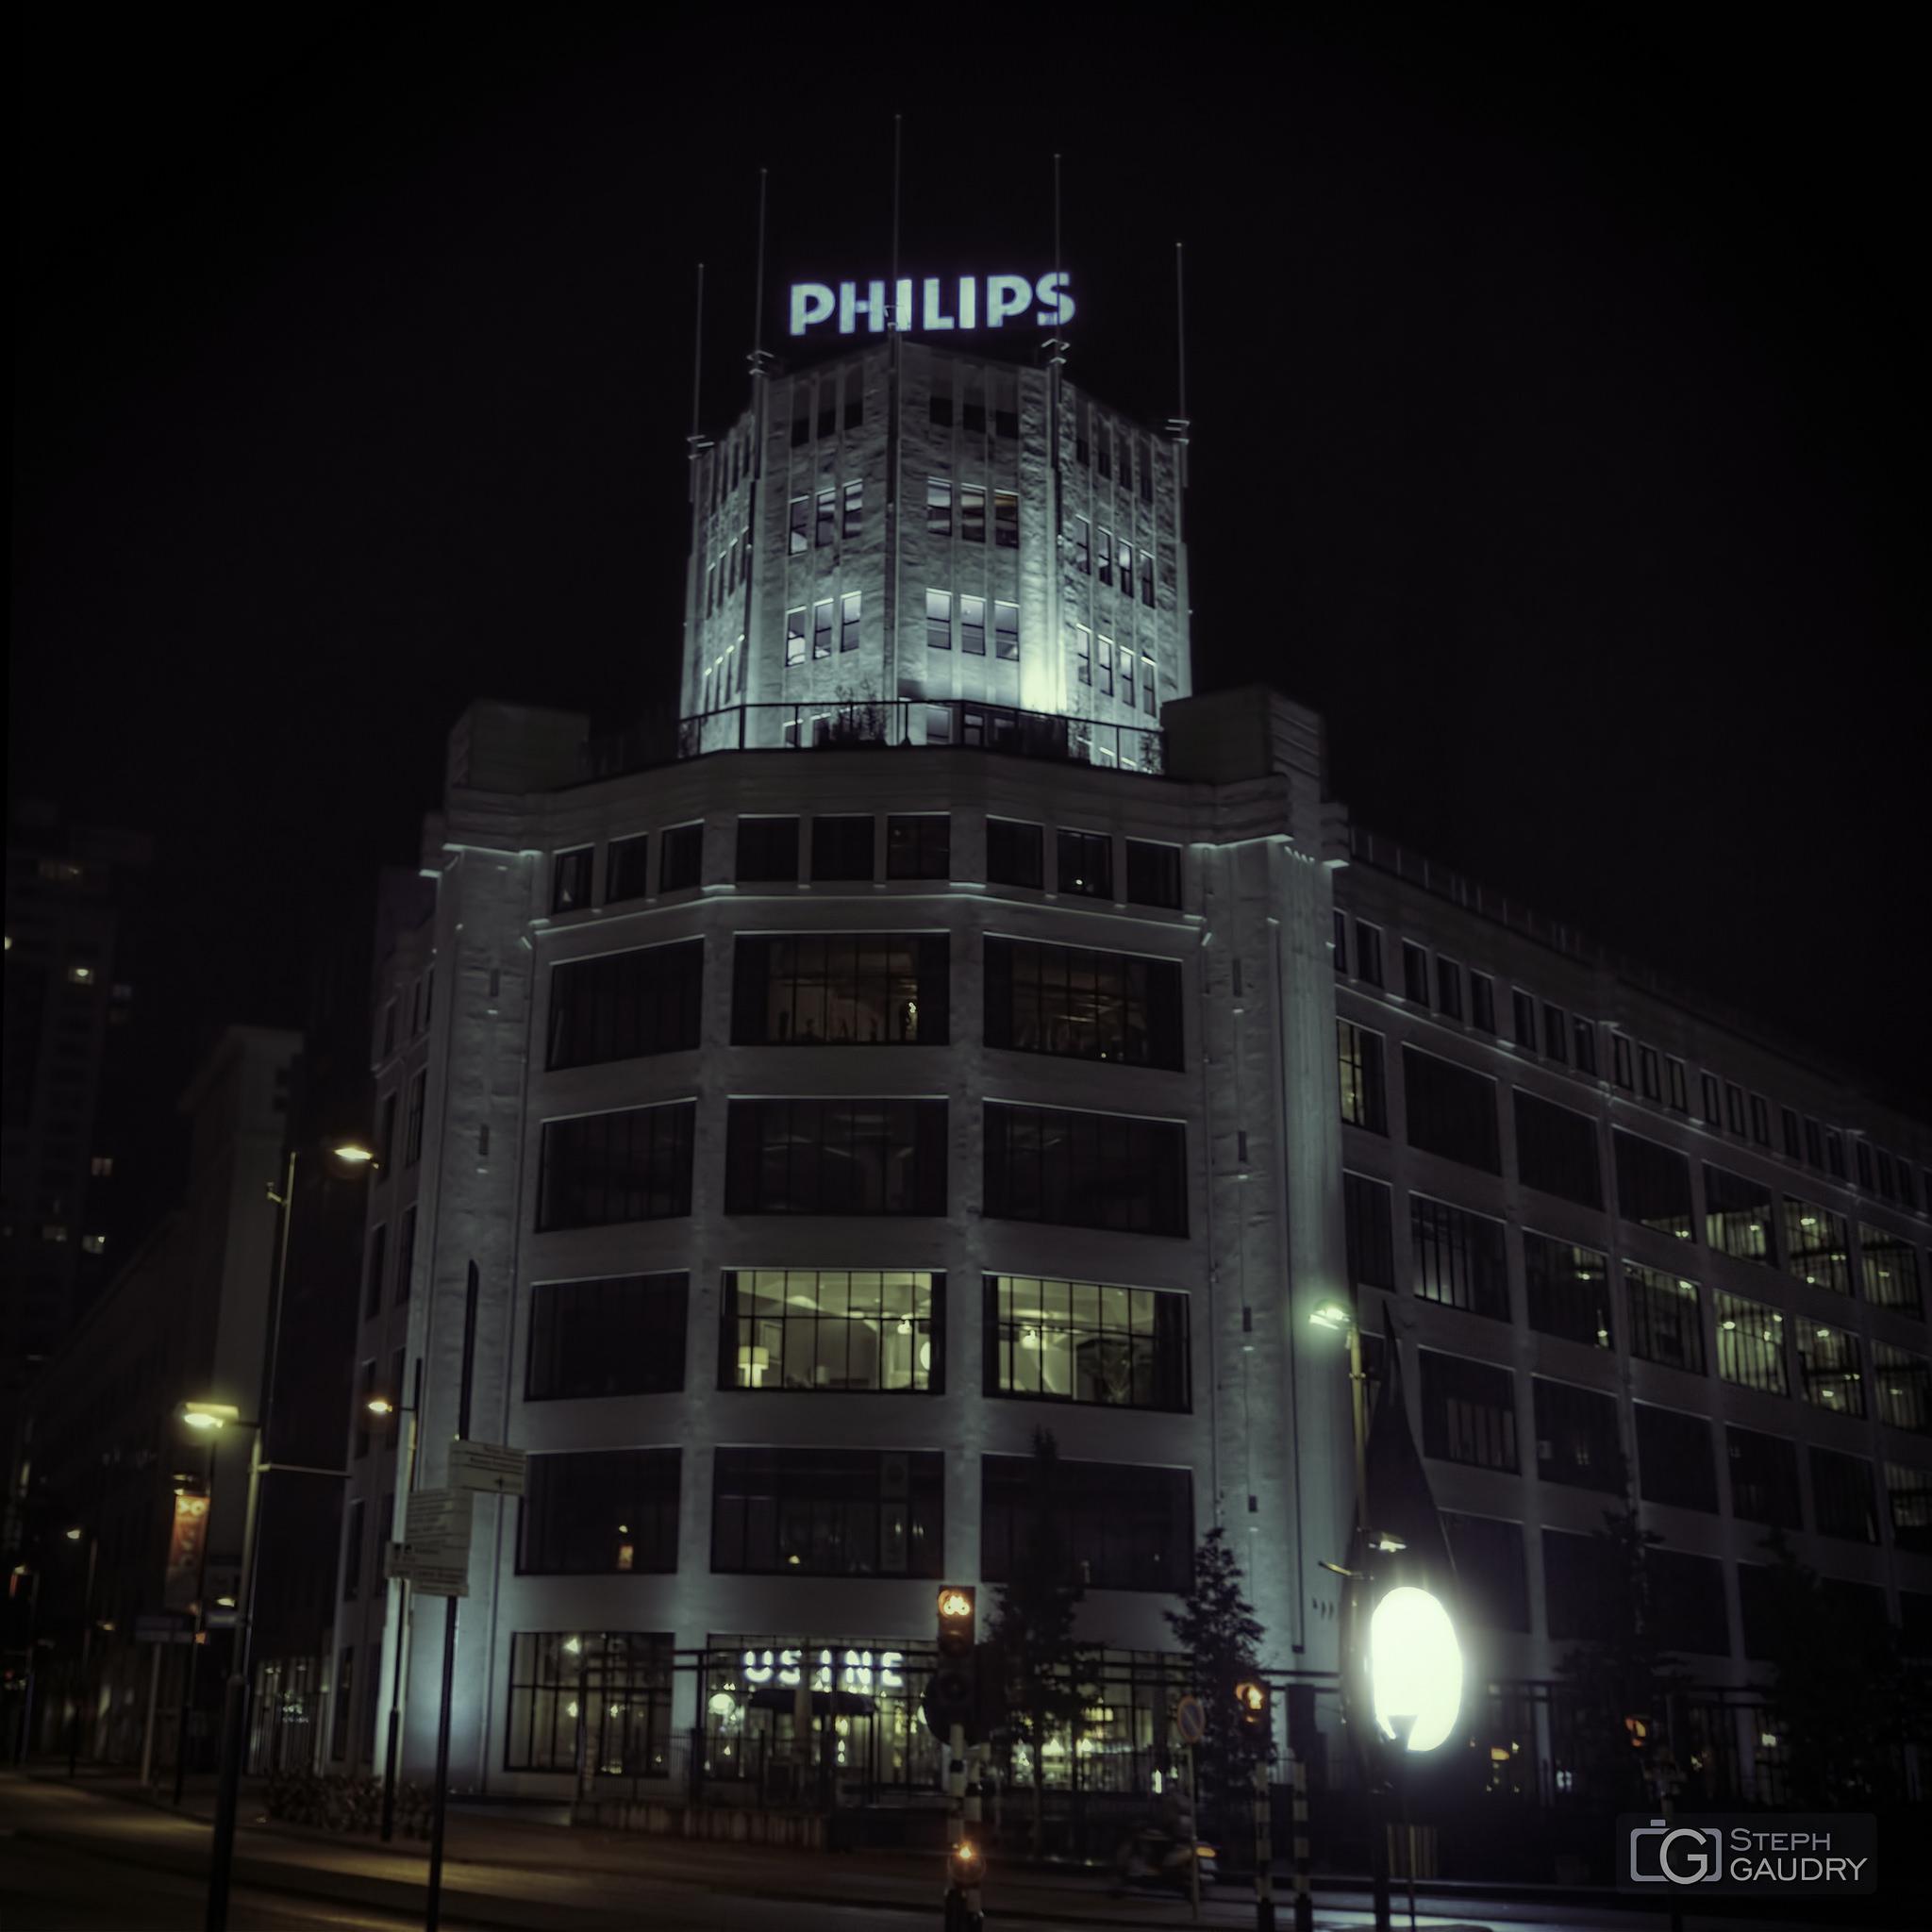 De Philips Toren [Cliquez pour lancer le diaporama]